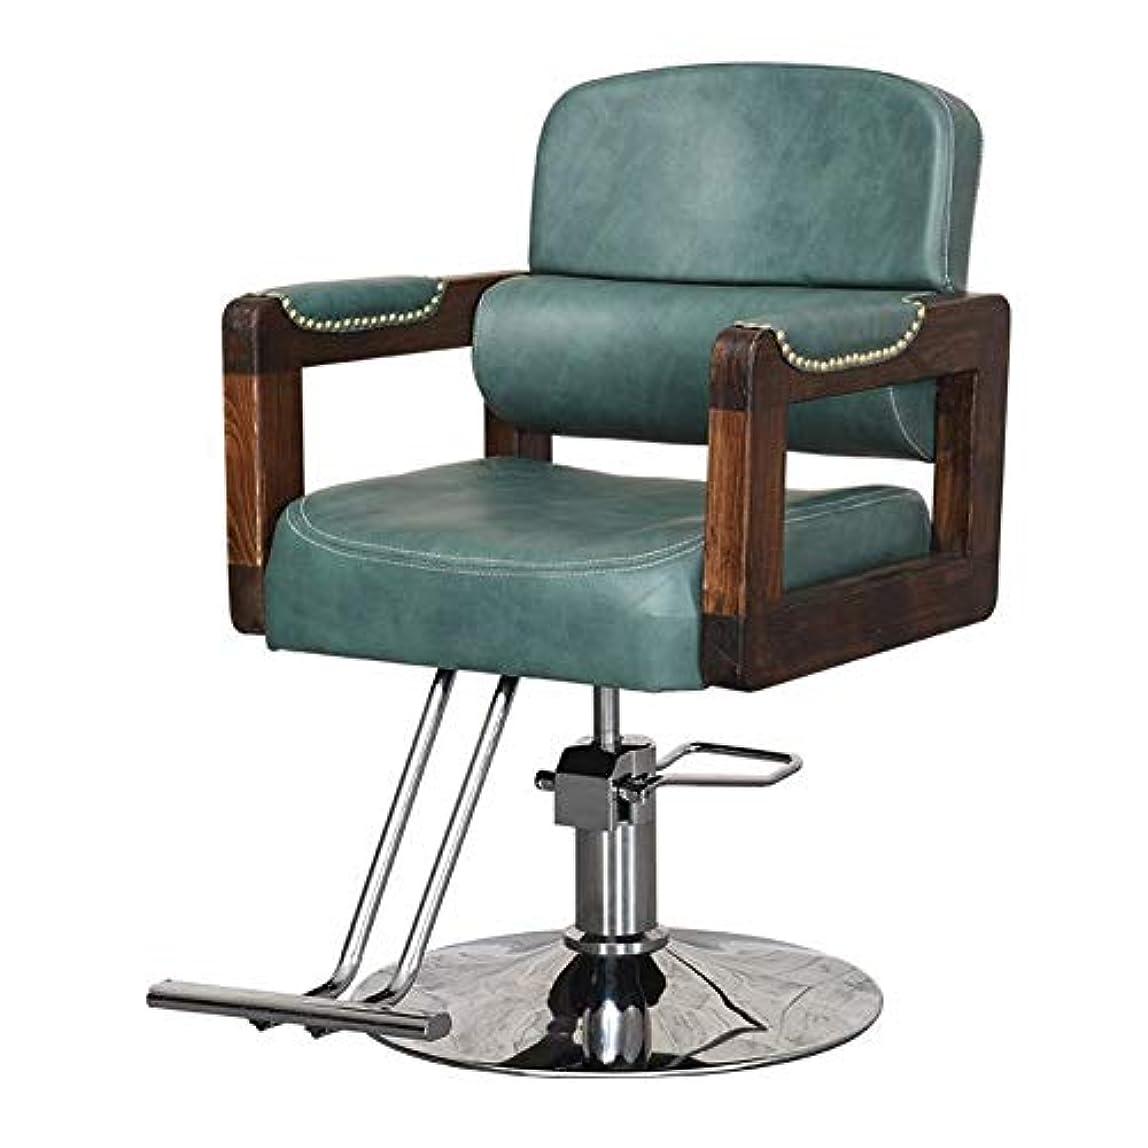 ナチュラ断線家族サロンの椅子は専門の油圧理髪店の椅子の大広間の美容院の鉱泉のモデリングチェアの円形の基盤を持ち上げるために回すことができます,Brown,B